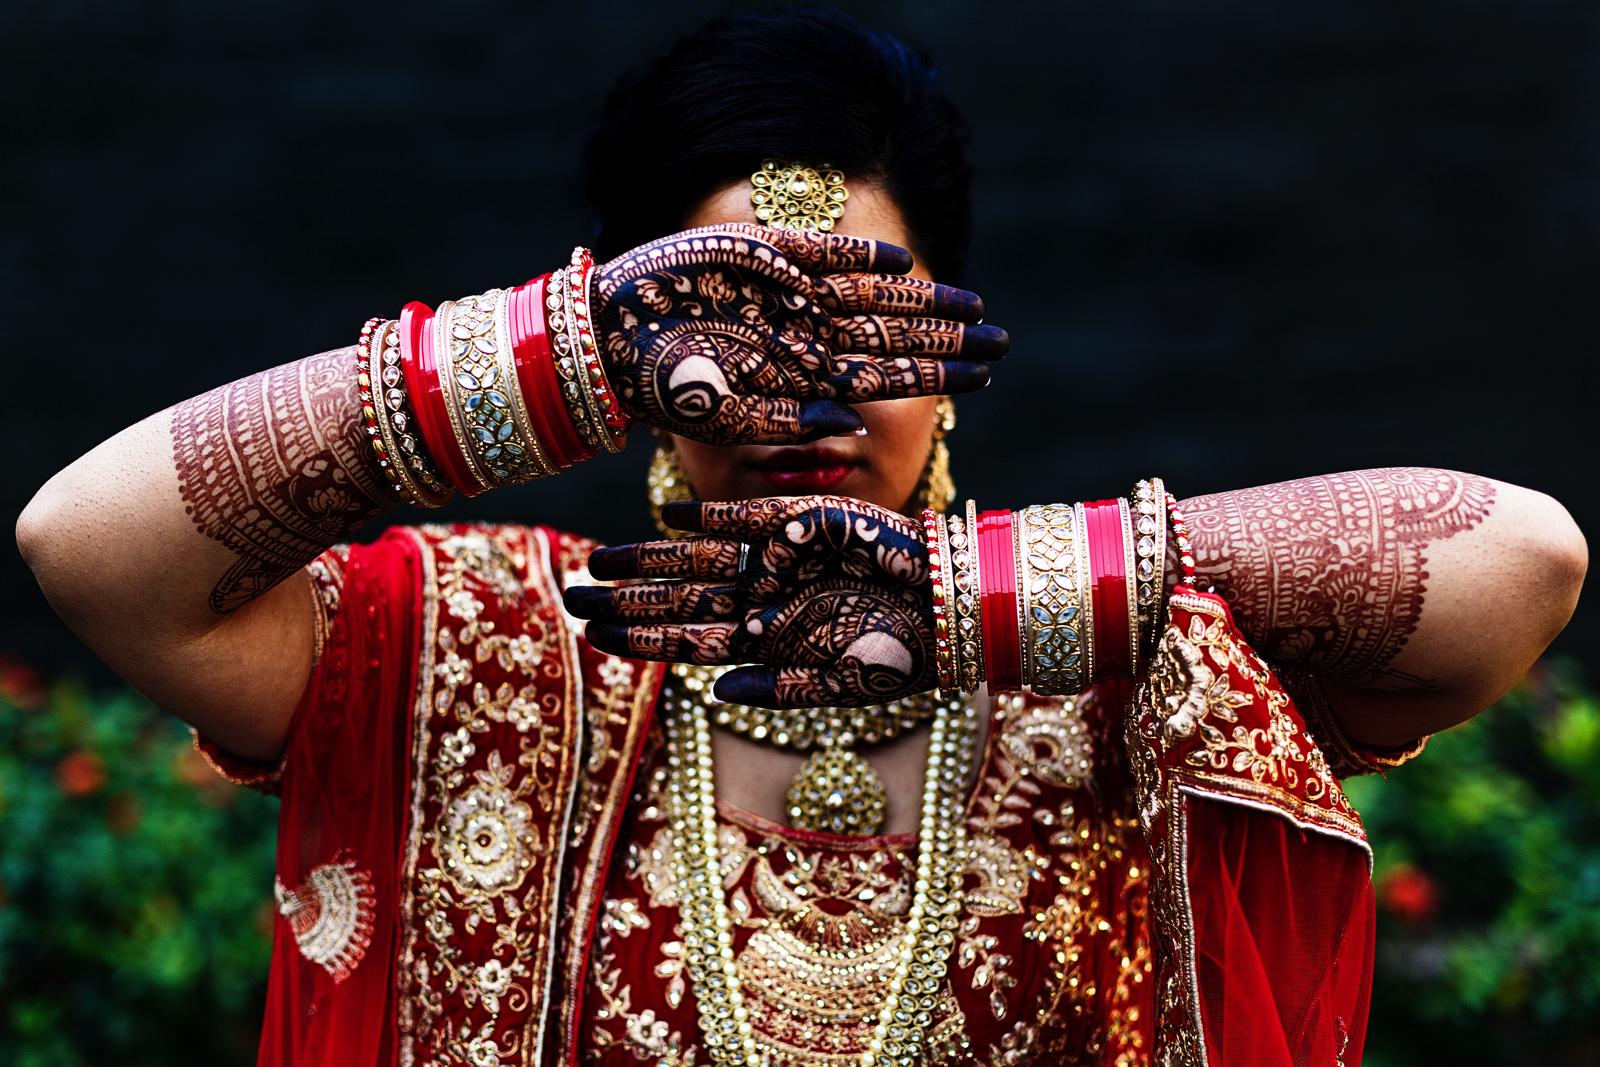 Hindu bride shows her henna tattooed hands